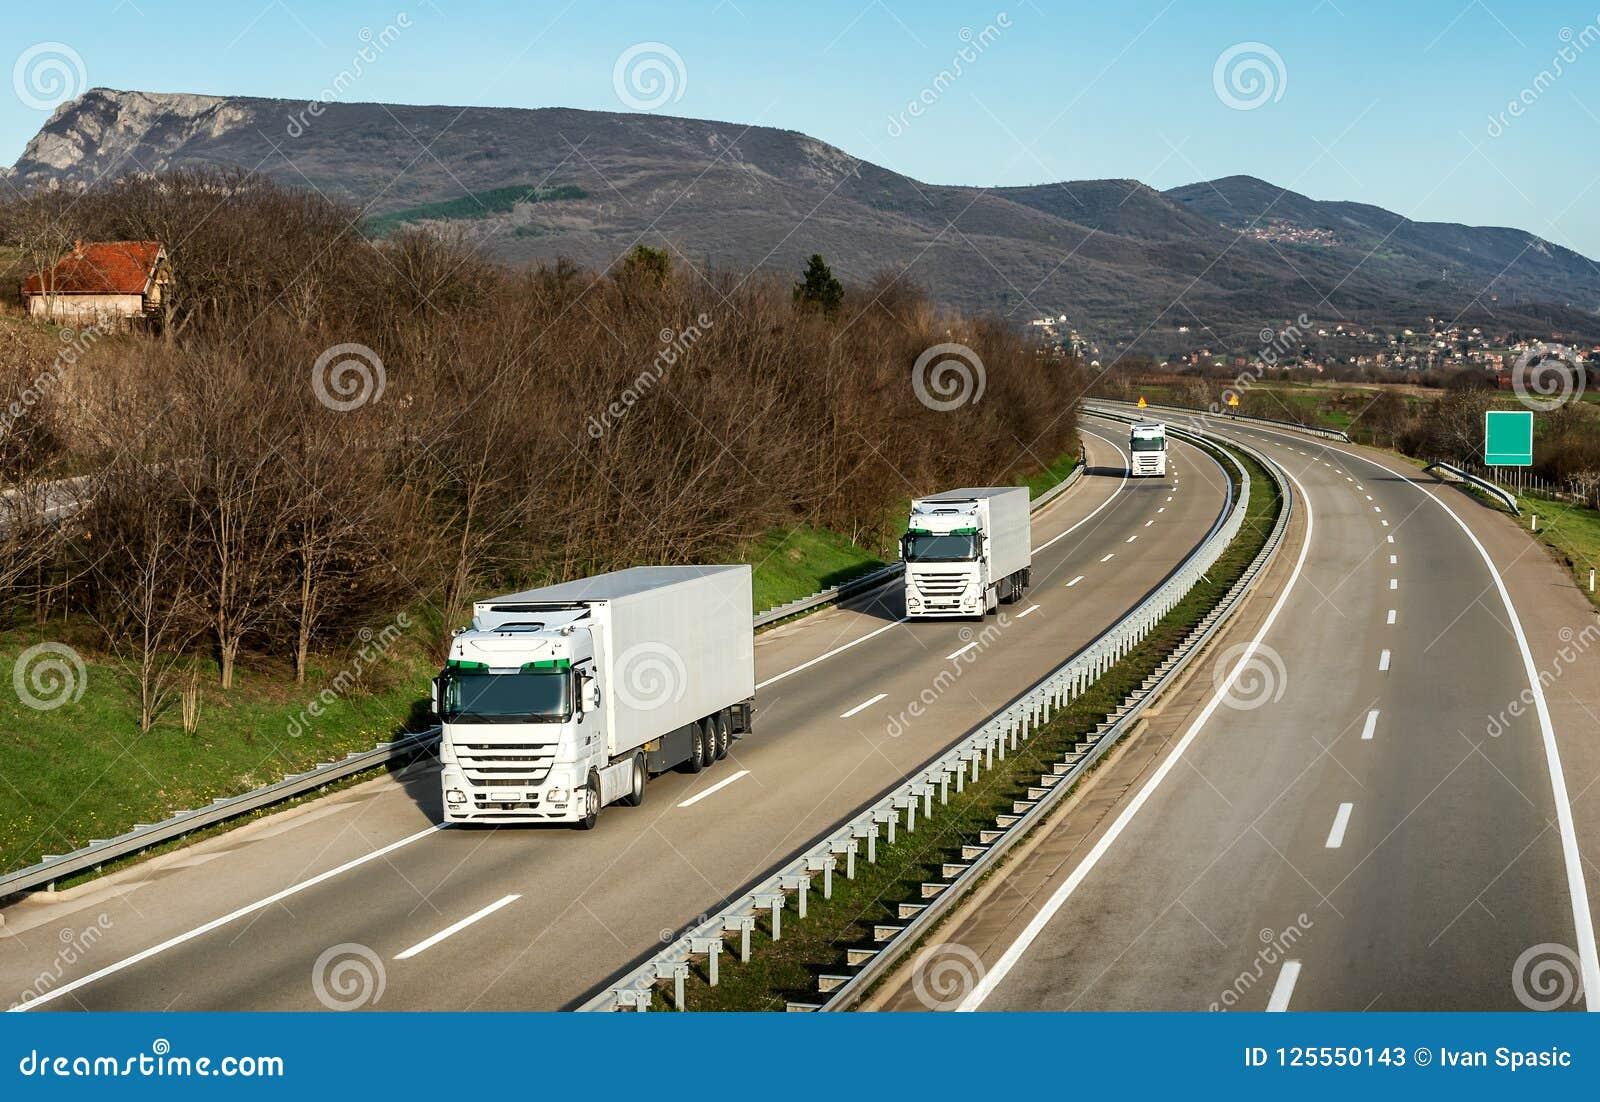 卡车舰队或护卫舰在高速公路的